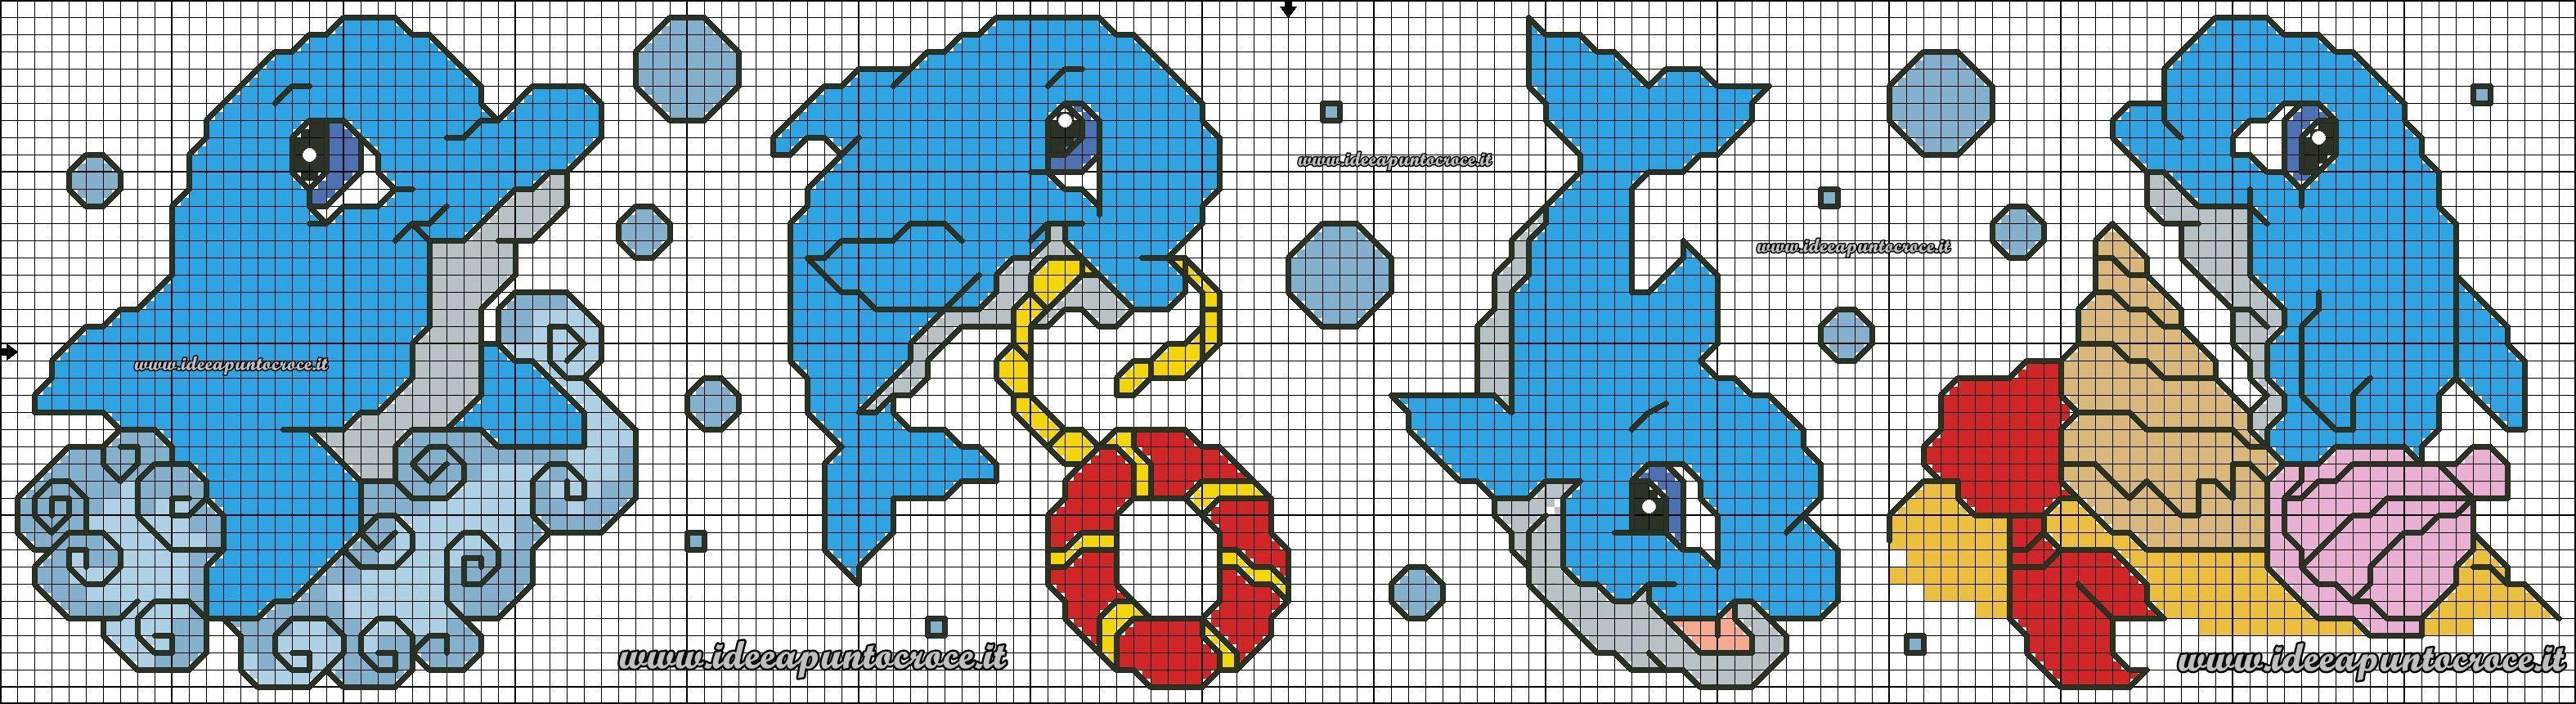 Schema Delfini Punto Croce Children S Cross Stich Embroidery